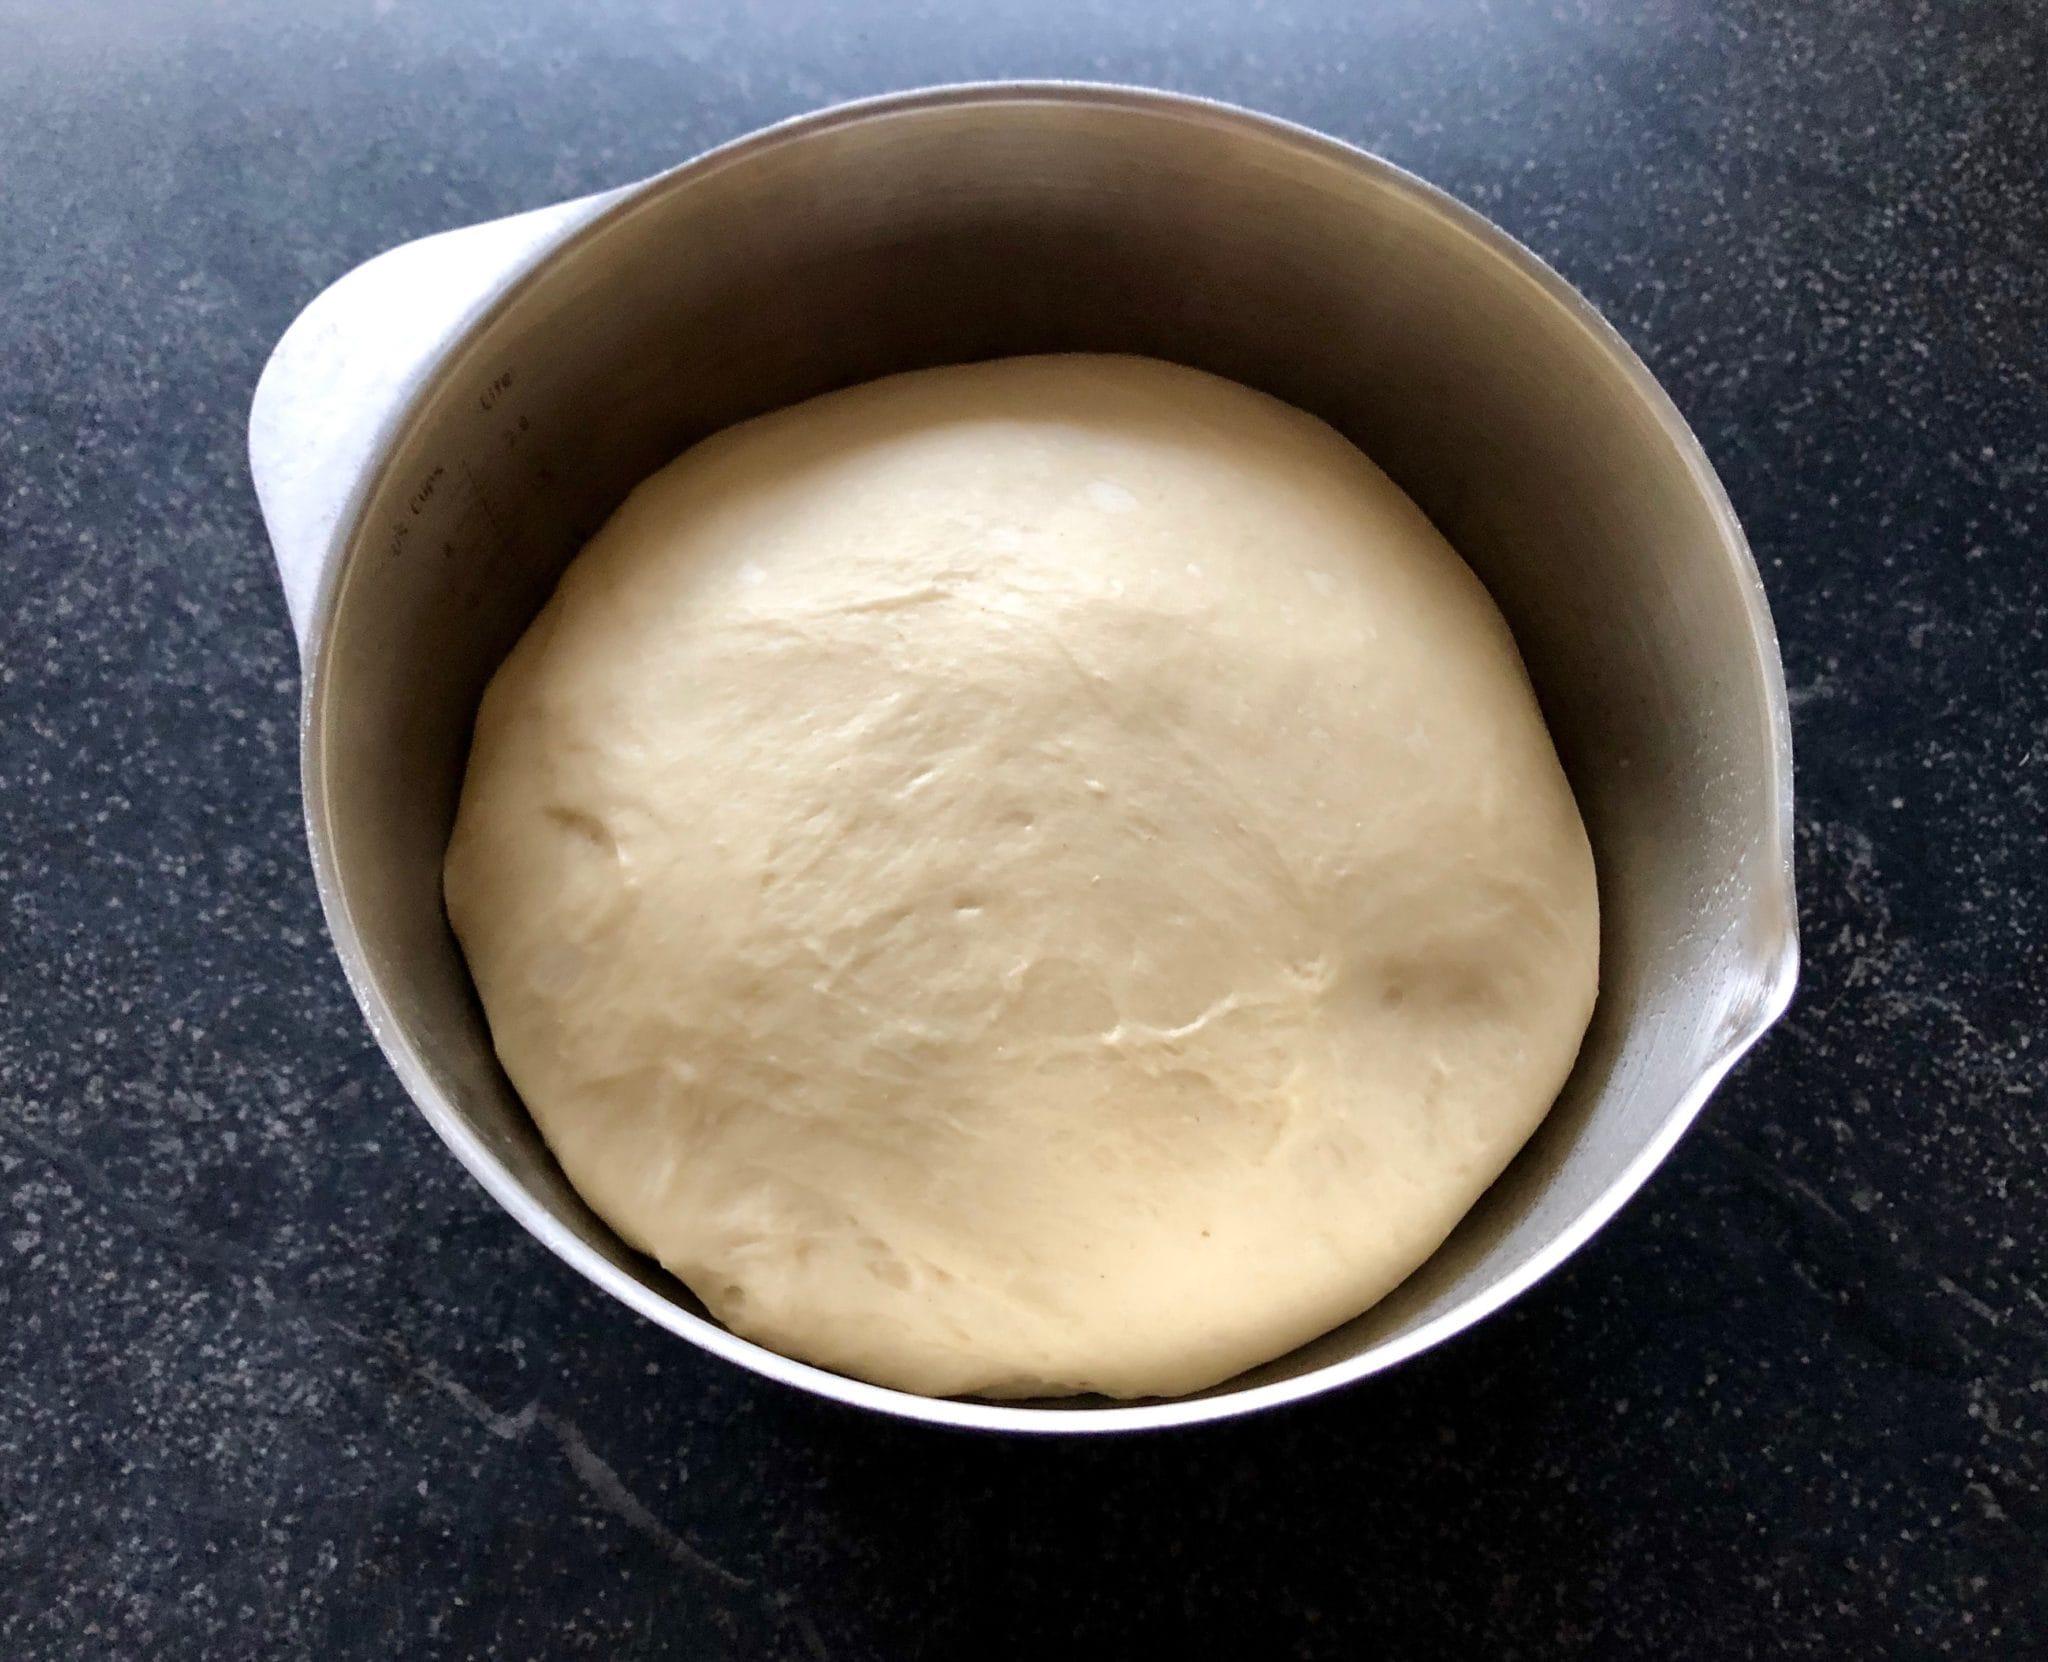 https://meervanmir.eu/suus-bakt-smeuige-kaneelbroodjes